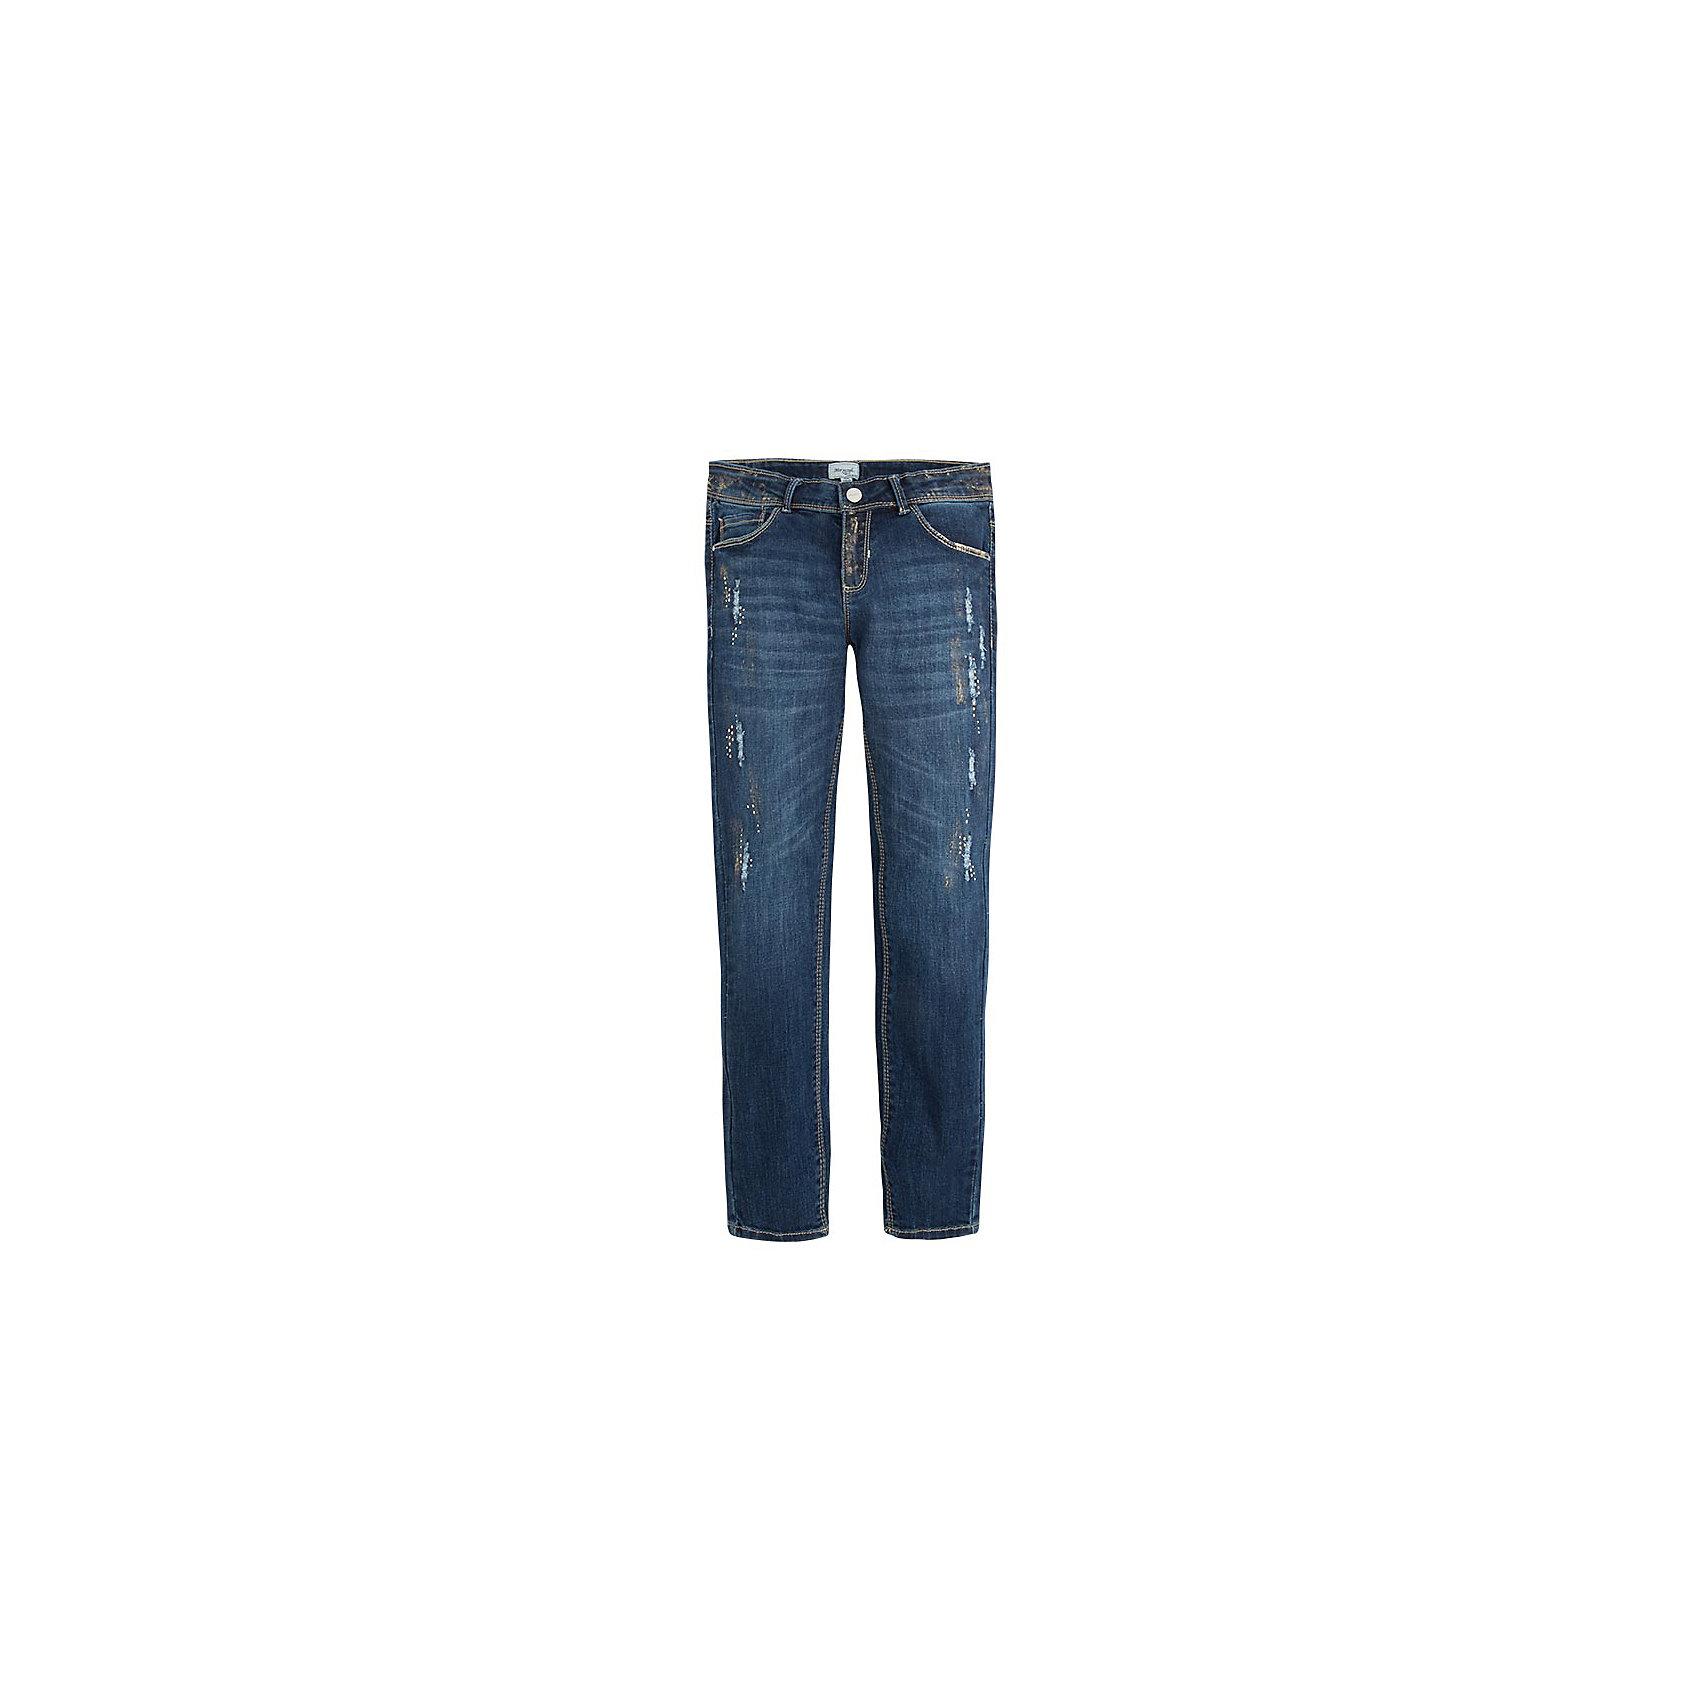 Брюки для девочки MayoralДжинсовая одежда<br>Джинсы для девочки от популярной испанской марки Mayoral.<br><br>Стильные удобные джинсы от известного испанского бренда Mayoral – отличный вариант универсальной одежды для ребенка. Модель украшена золотистыми потертостями, очень модно смотрится благодаря этому. Удобный крой и качественный материал обеспечит ребенку комфорт при ношении этой вещи.<br>Модель имеет следующие особенности:<br><br>- эластичная джинсовая ткань классического синего цвета;<br>- наличие карманов, застежка - молния и пуговица;<br>- шлевки для ремня;<br>- объем талии регулируется внутренней резинкой.<br><br>Состав: 98% хлопок, 2% эластан<br><br>Уход за изделием:<br><br>стирка в машине при температуре до 30°С,<br>не отбеливать,<br>гладить на низкой температуре.<br> <br>Джинсы для девочки Mayoral (Майорал) можно купить в нашем магазине.<br><br>Ширина мм: 215<br>Глубина мм: 88<br>Высота мм: 191<br>Вес г: 336<br>Цвет: голубой<br>Возраст от месяцев: 144<br>Возраст до месяцев: 156<br>Пол: Женский<br>Возраст: Детский<br>Размер: 158,170,164,140,152,128<br>SKU: 4190372